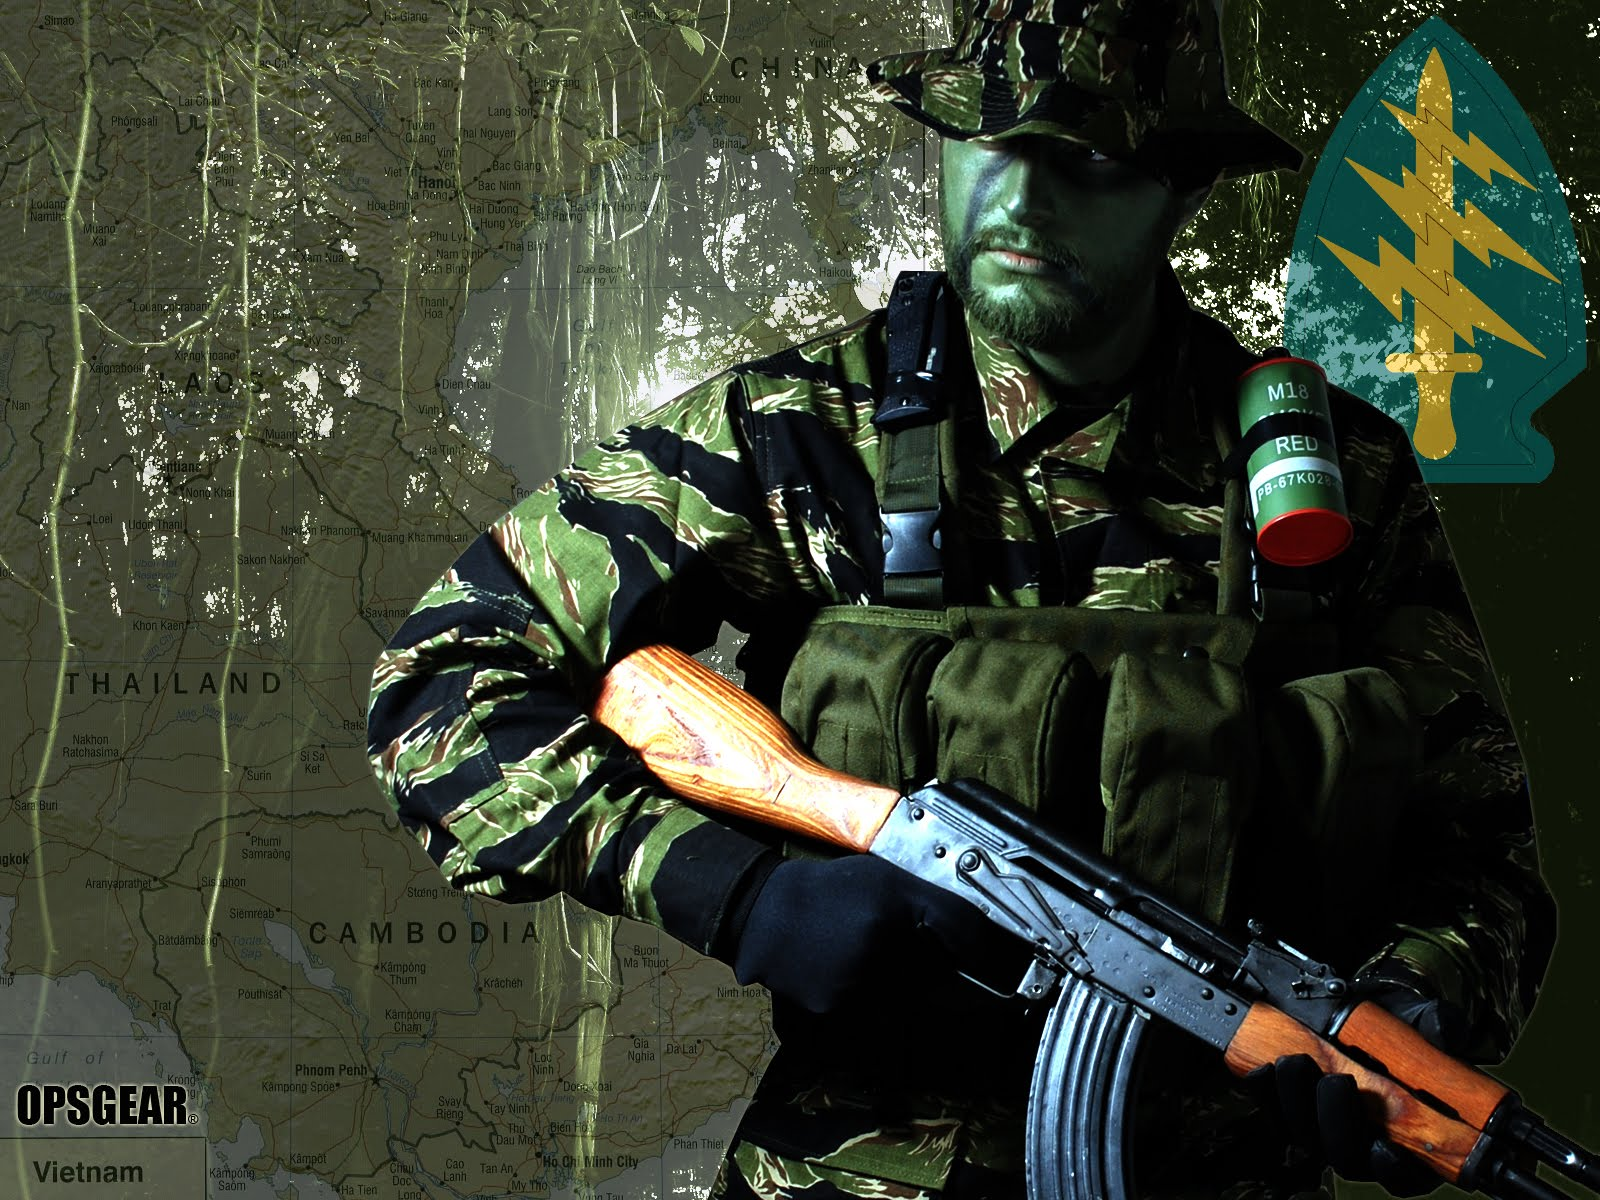 Green beret wallpaper, зеленый берет, обои для рабочего стола, солдат